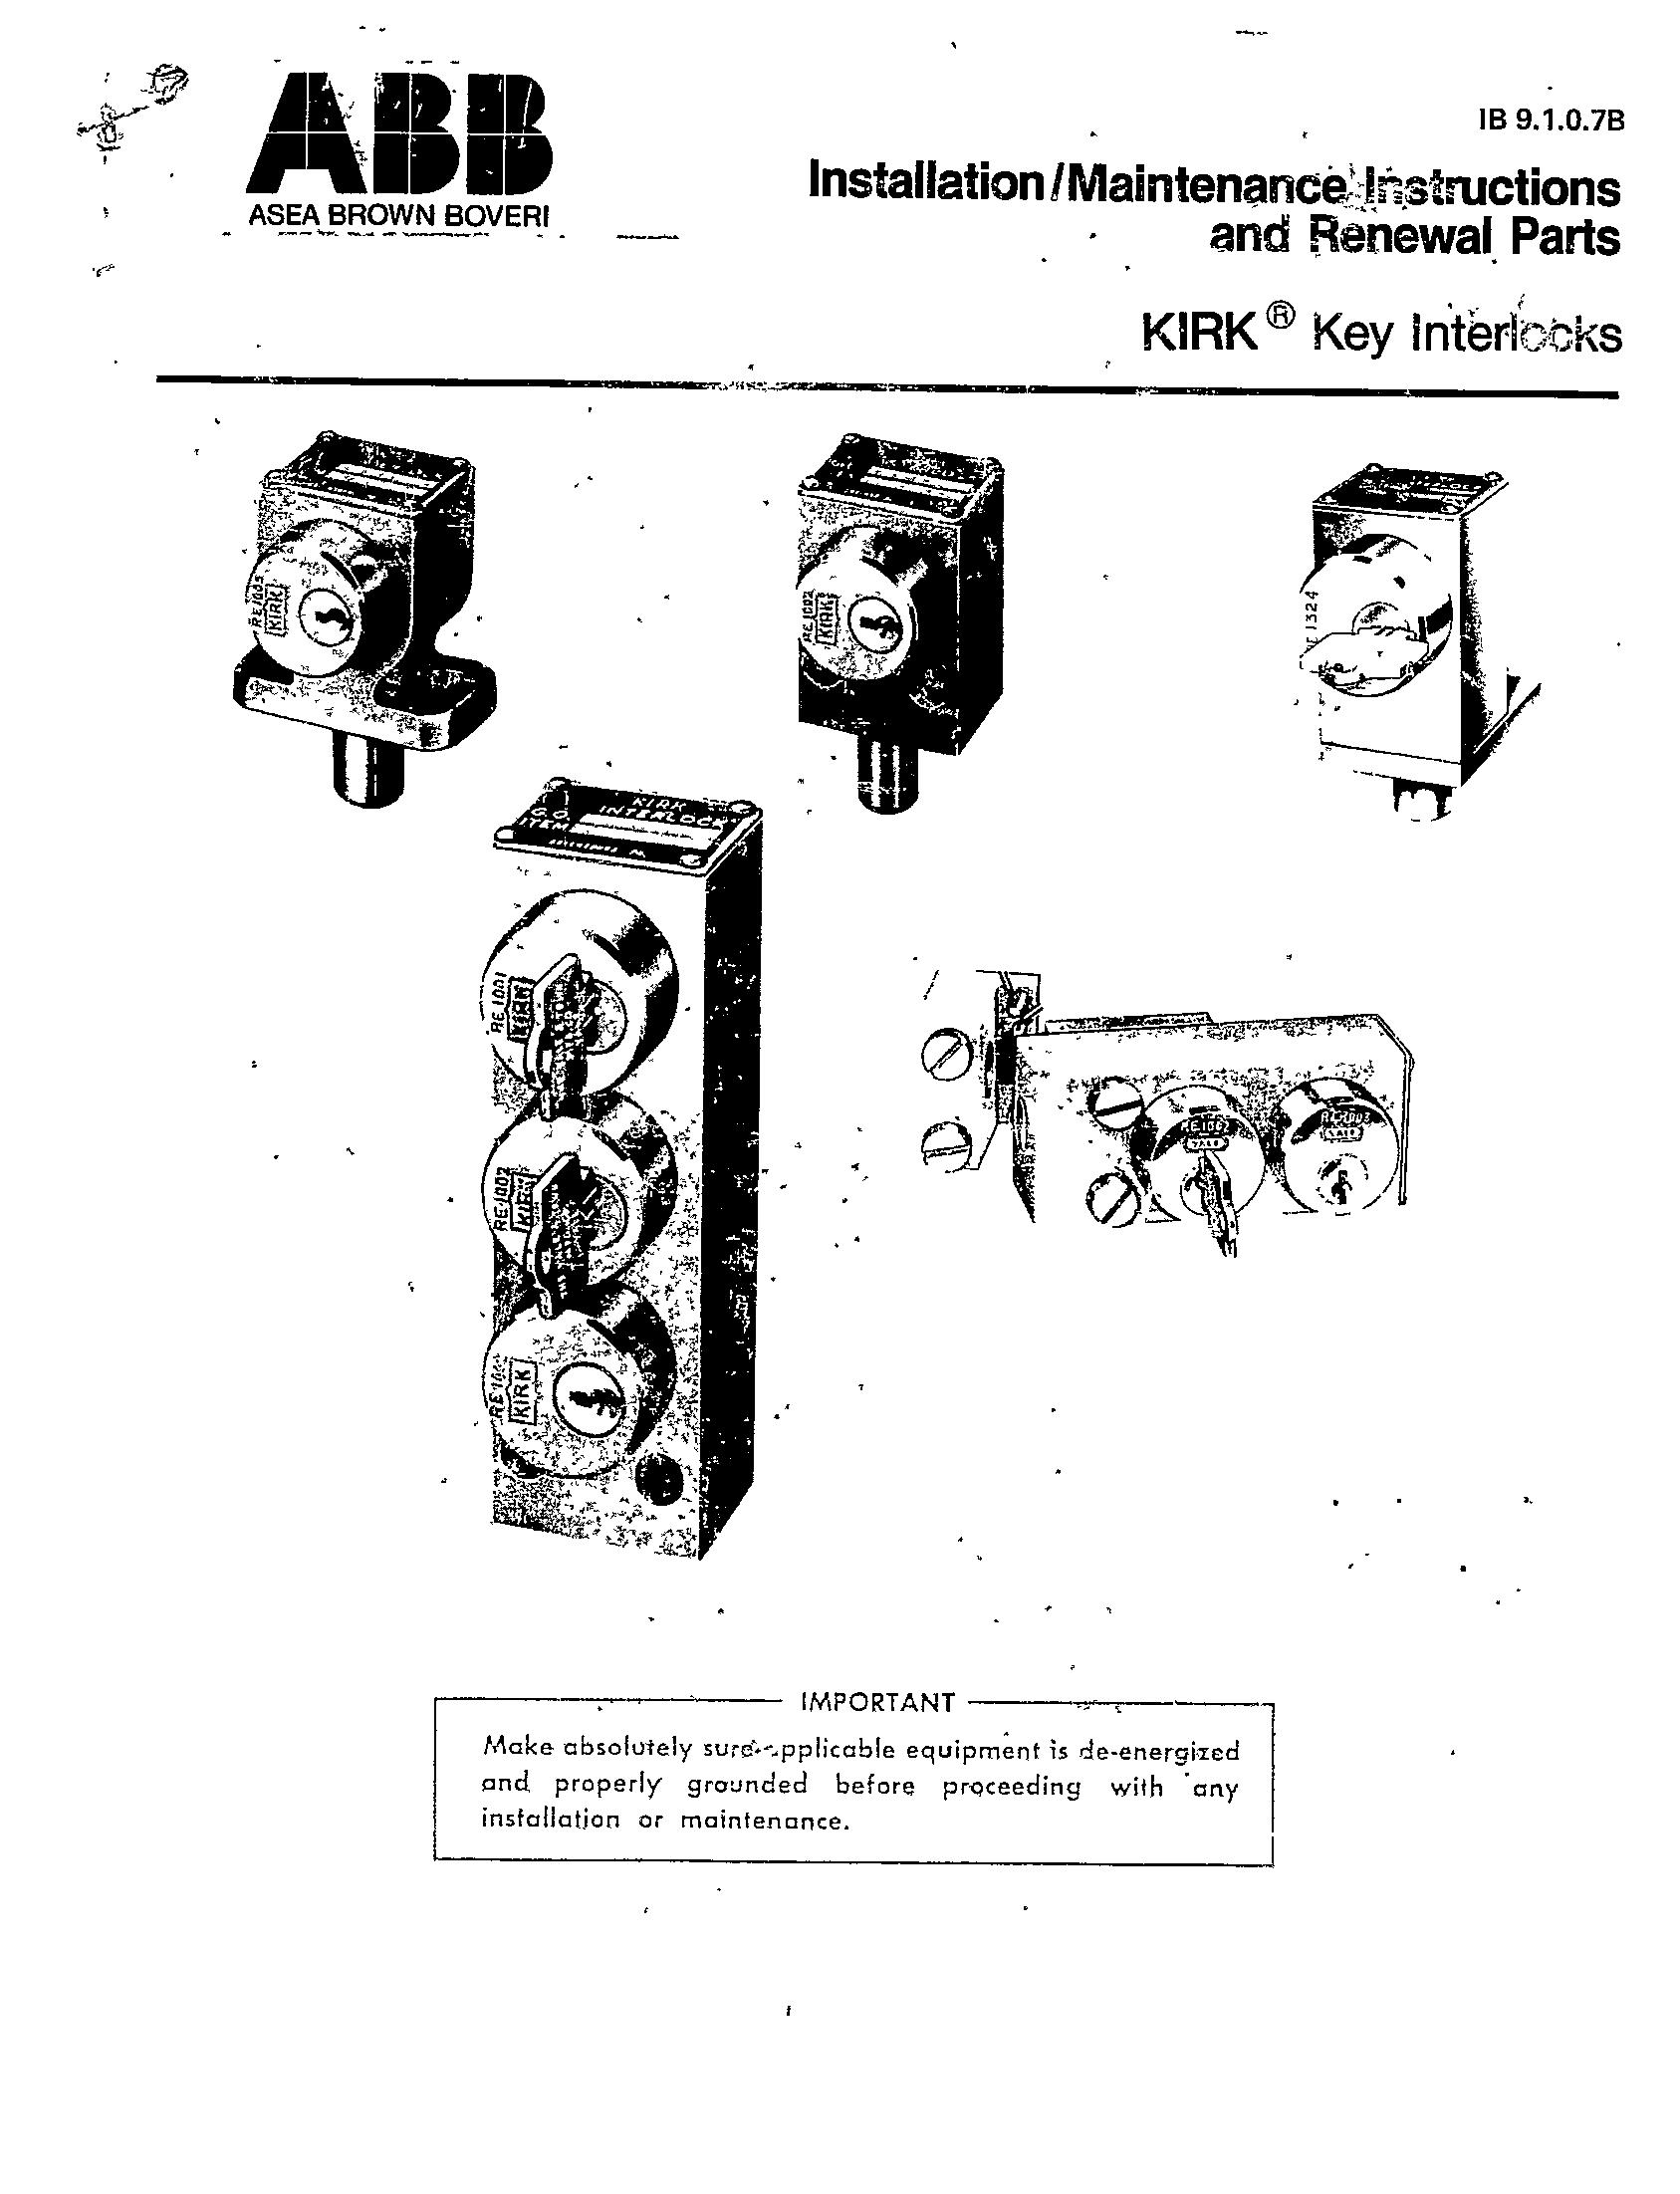 Cutler Hammer Kirk Key Operating Instructions